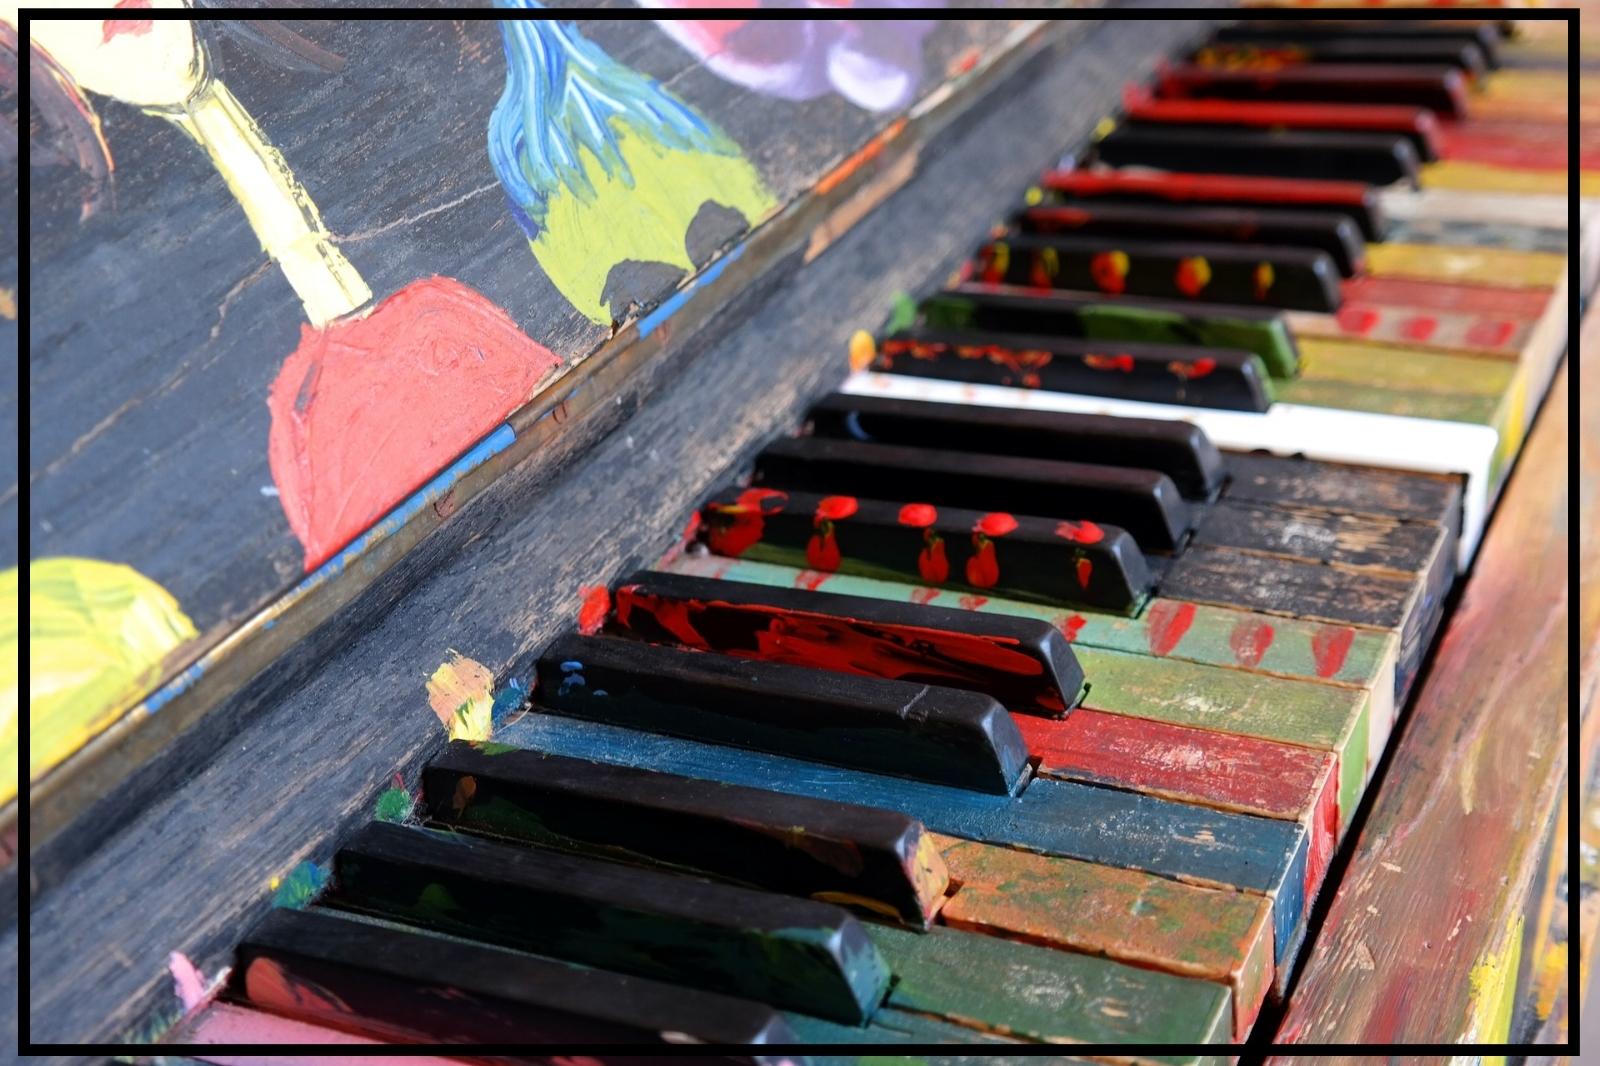 piano-1522853_1920.jpg